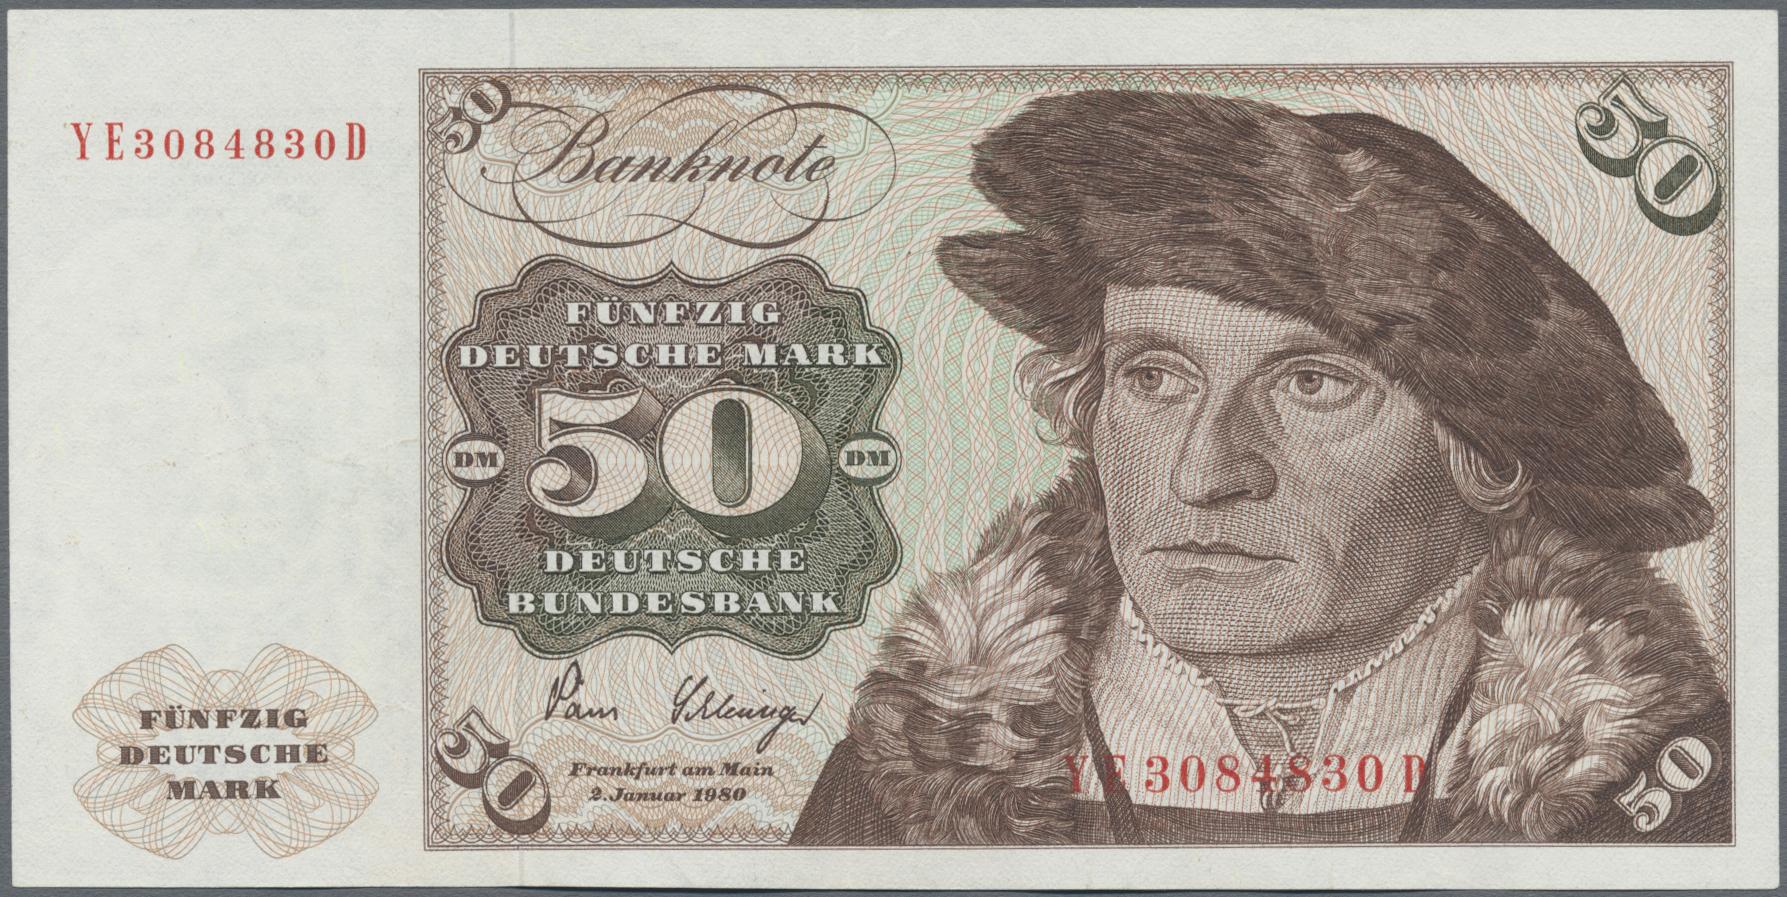 Lot 9841 - Deutschland - Bank Deutscher Länder + Bundesrepublik Deutschland banknoten -  Auktionshaus Christoph Gärtner GmbH & Co. KG Sale #47 Banknotes Worldwide & Germany, Numismatics